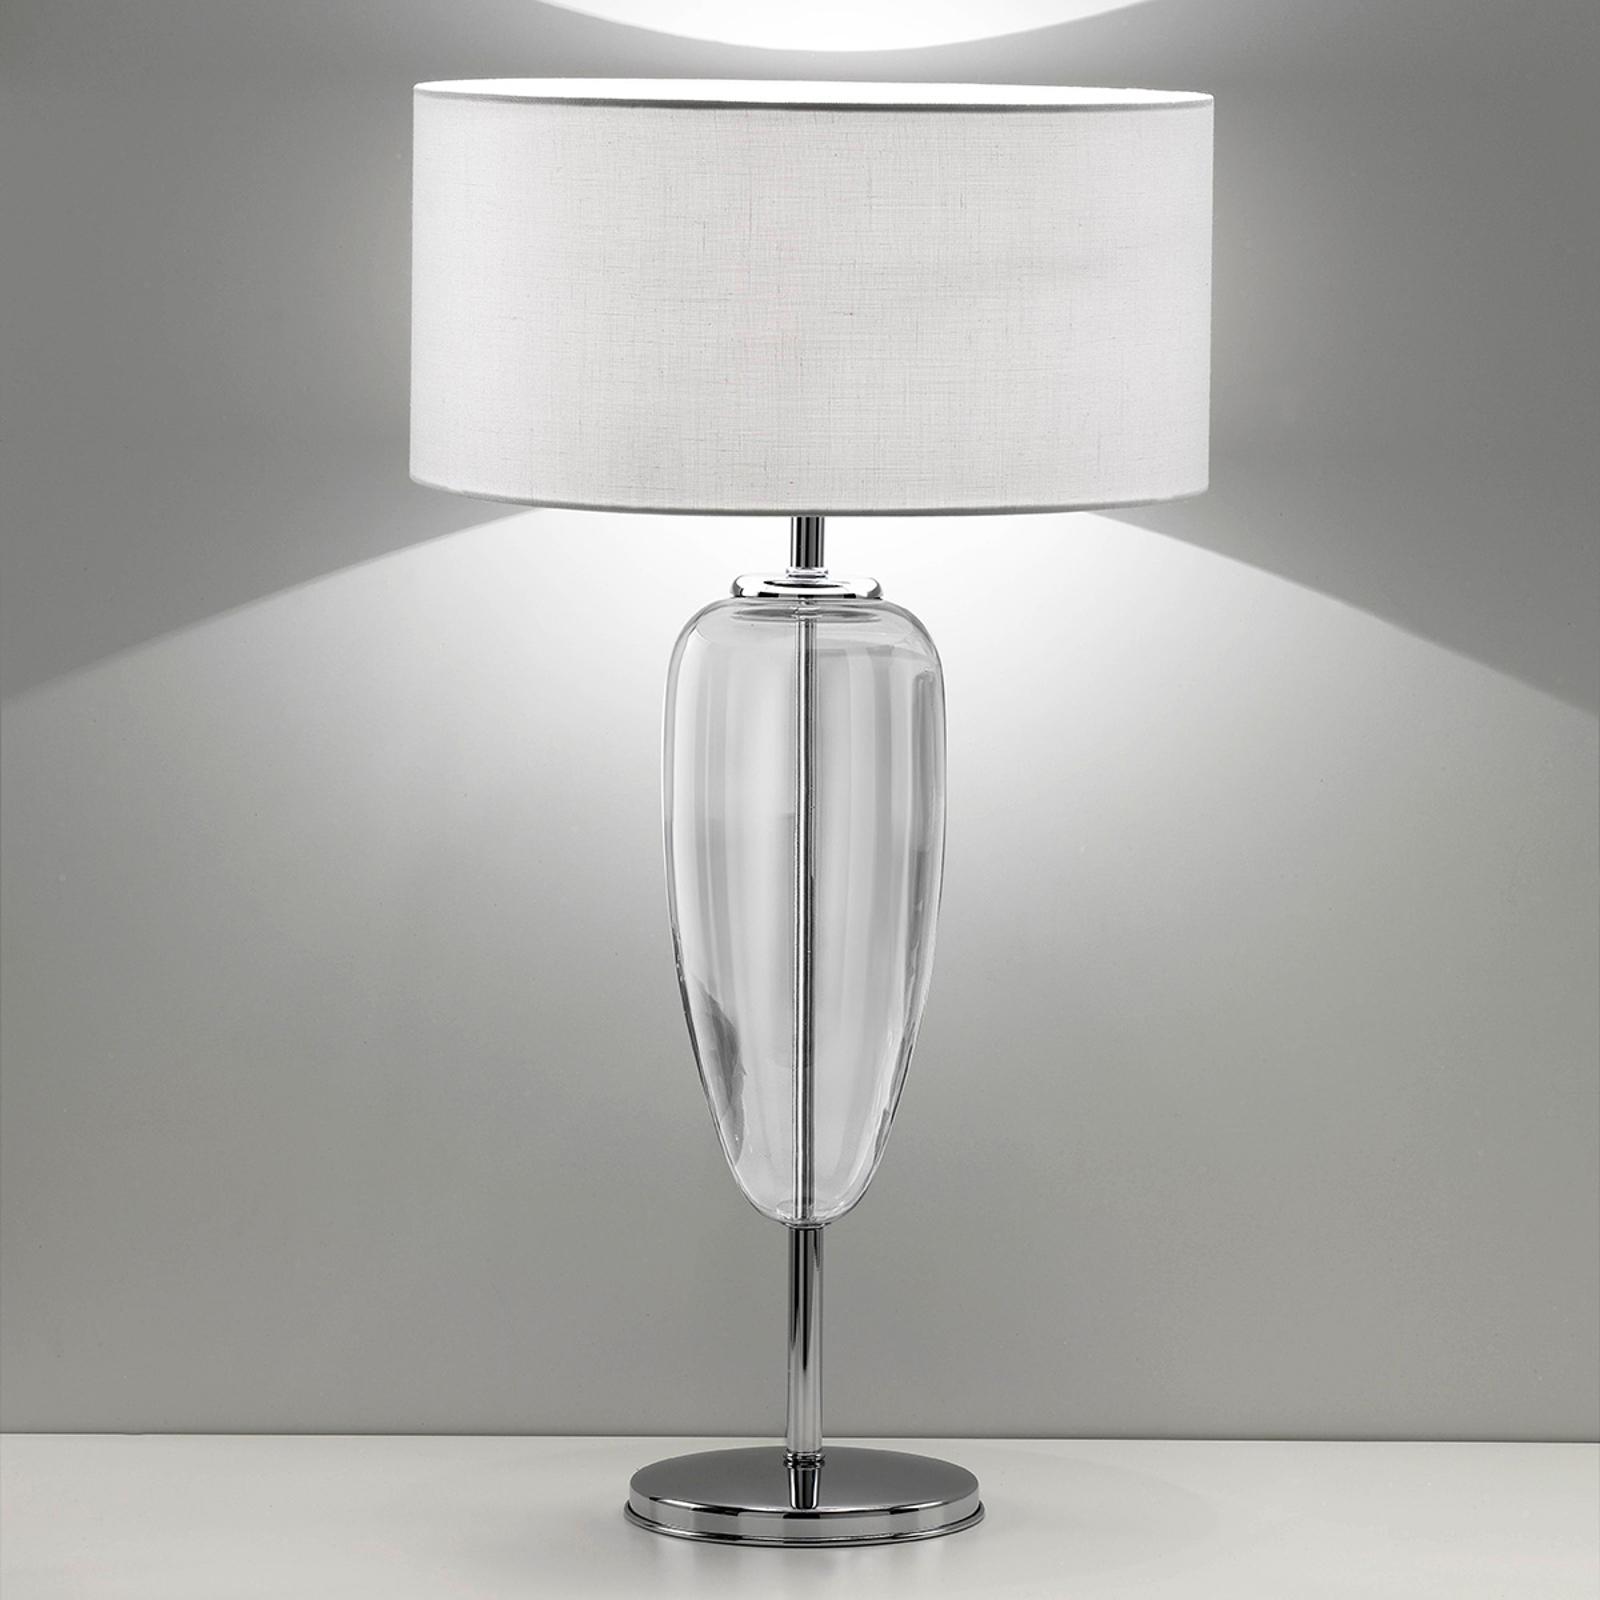 Lampa stołowa Show Ogiva 82cm szkło przezroczyste